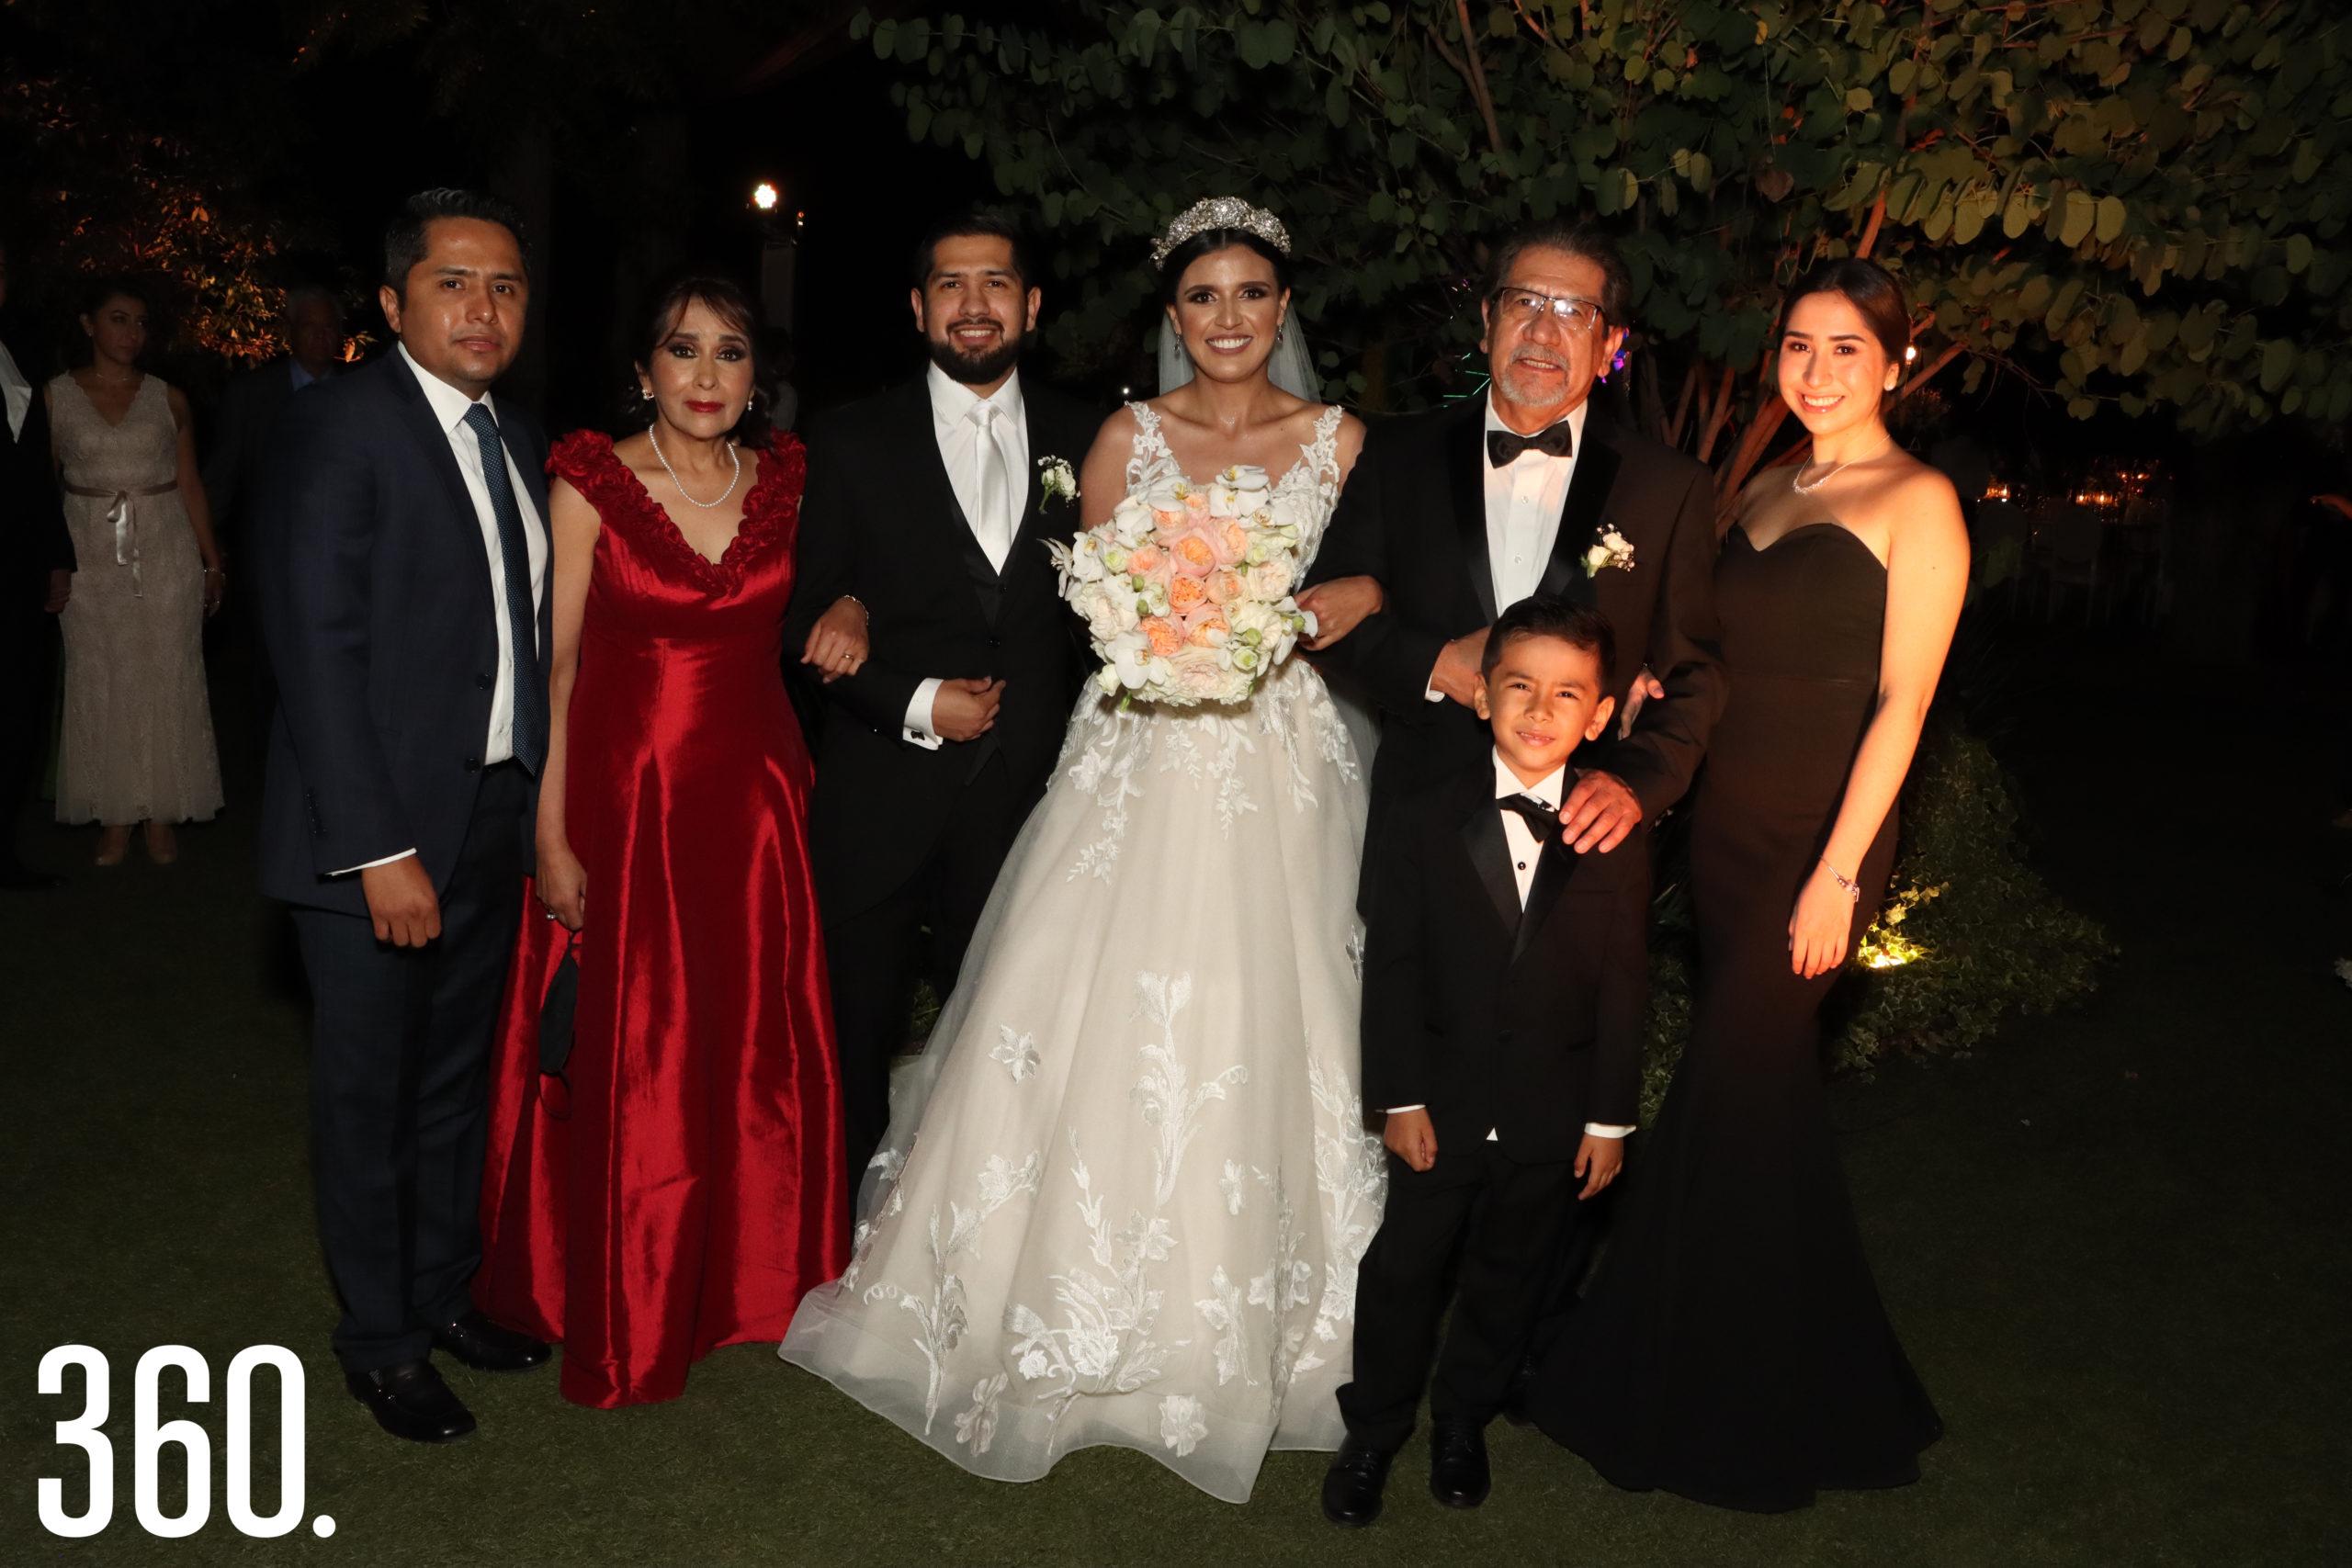 La familia del novio con Guido García y Sheila Mendoza.